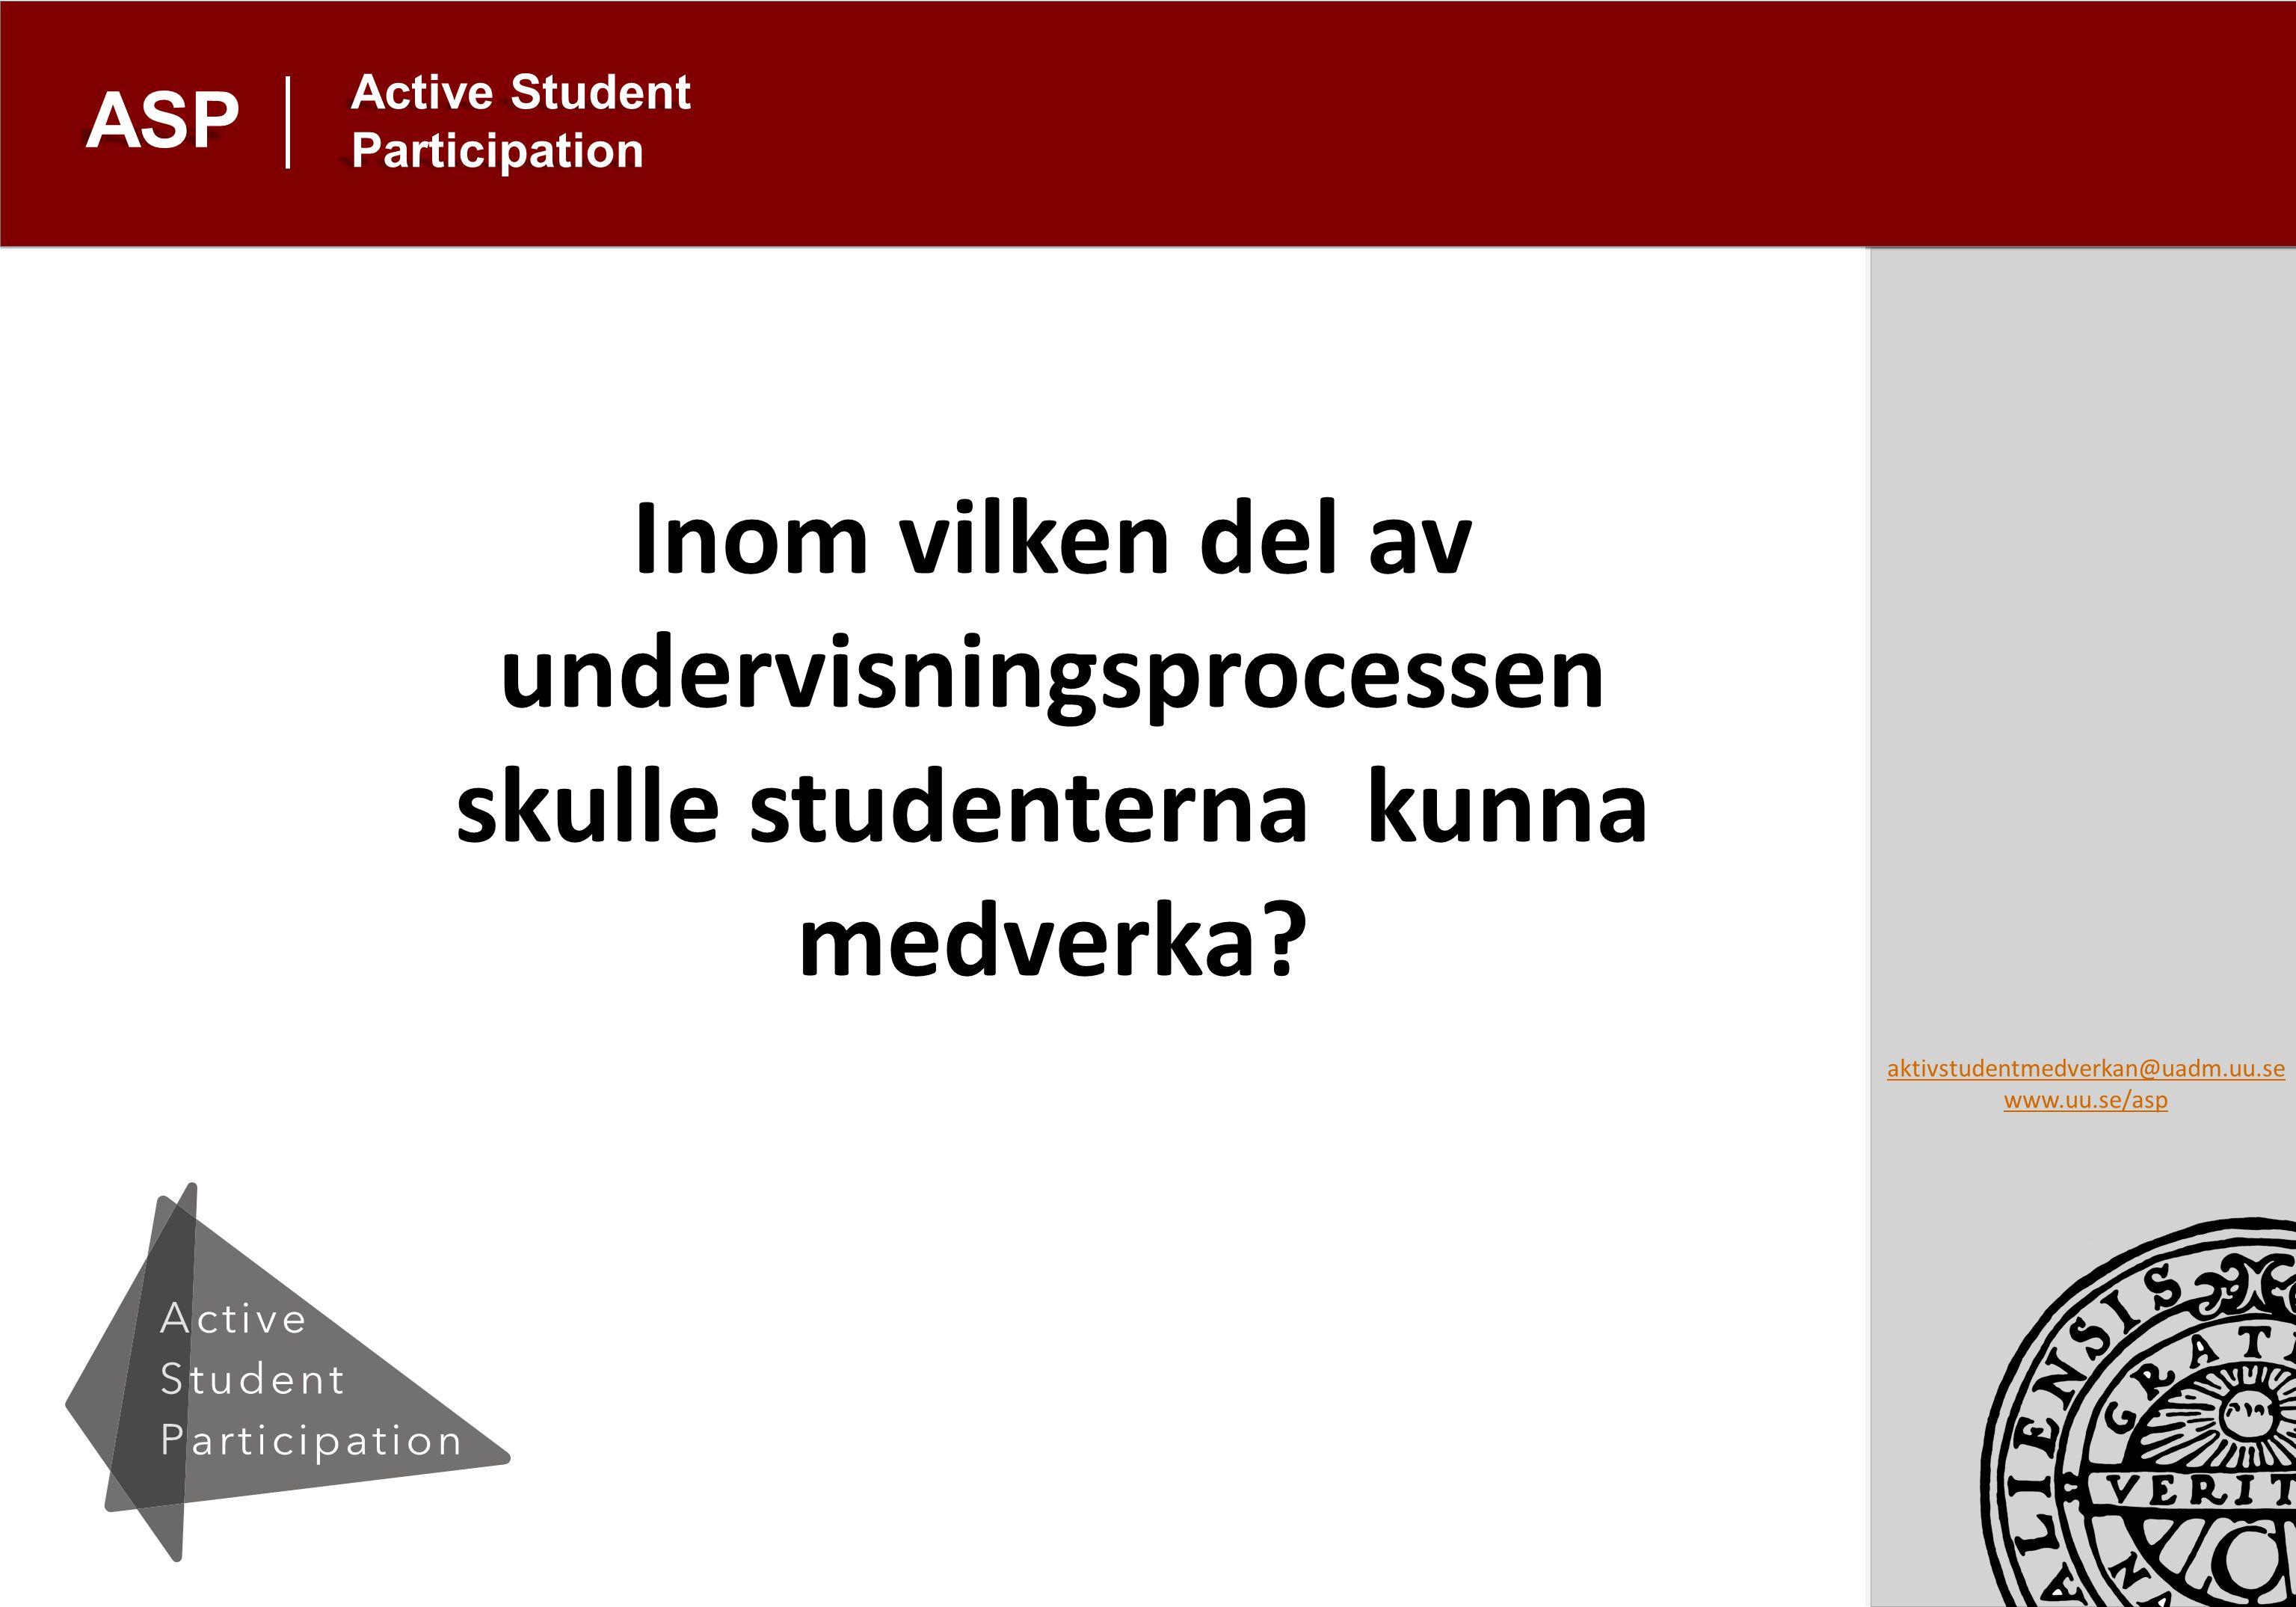 aktivstudentmedverkan@uadm.uu.se www.uu.se/asp Active Student Participation ASP Inom vilken del av undervisningsprocessen skulle studenterna kunna medverka